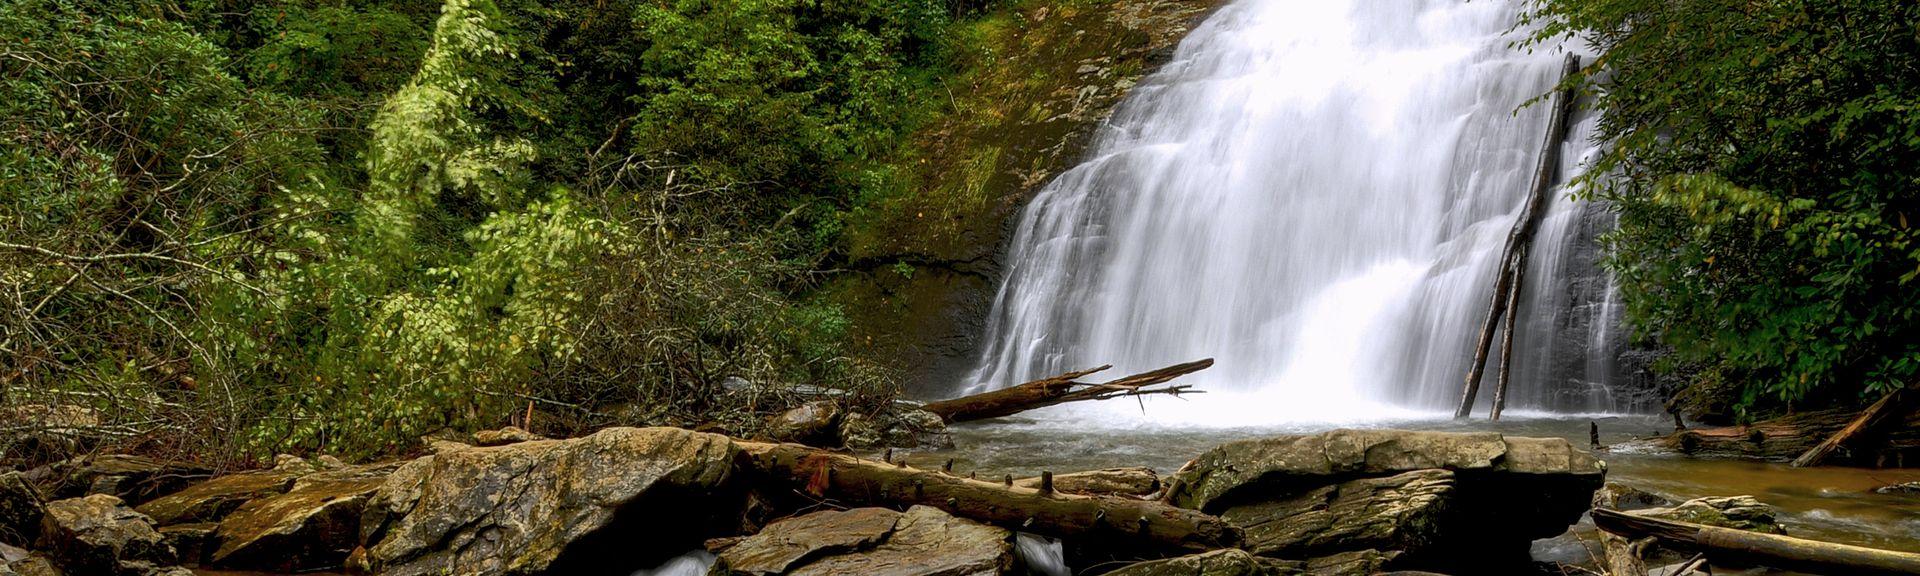 Toccoa, Georgia, USA